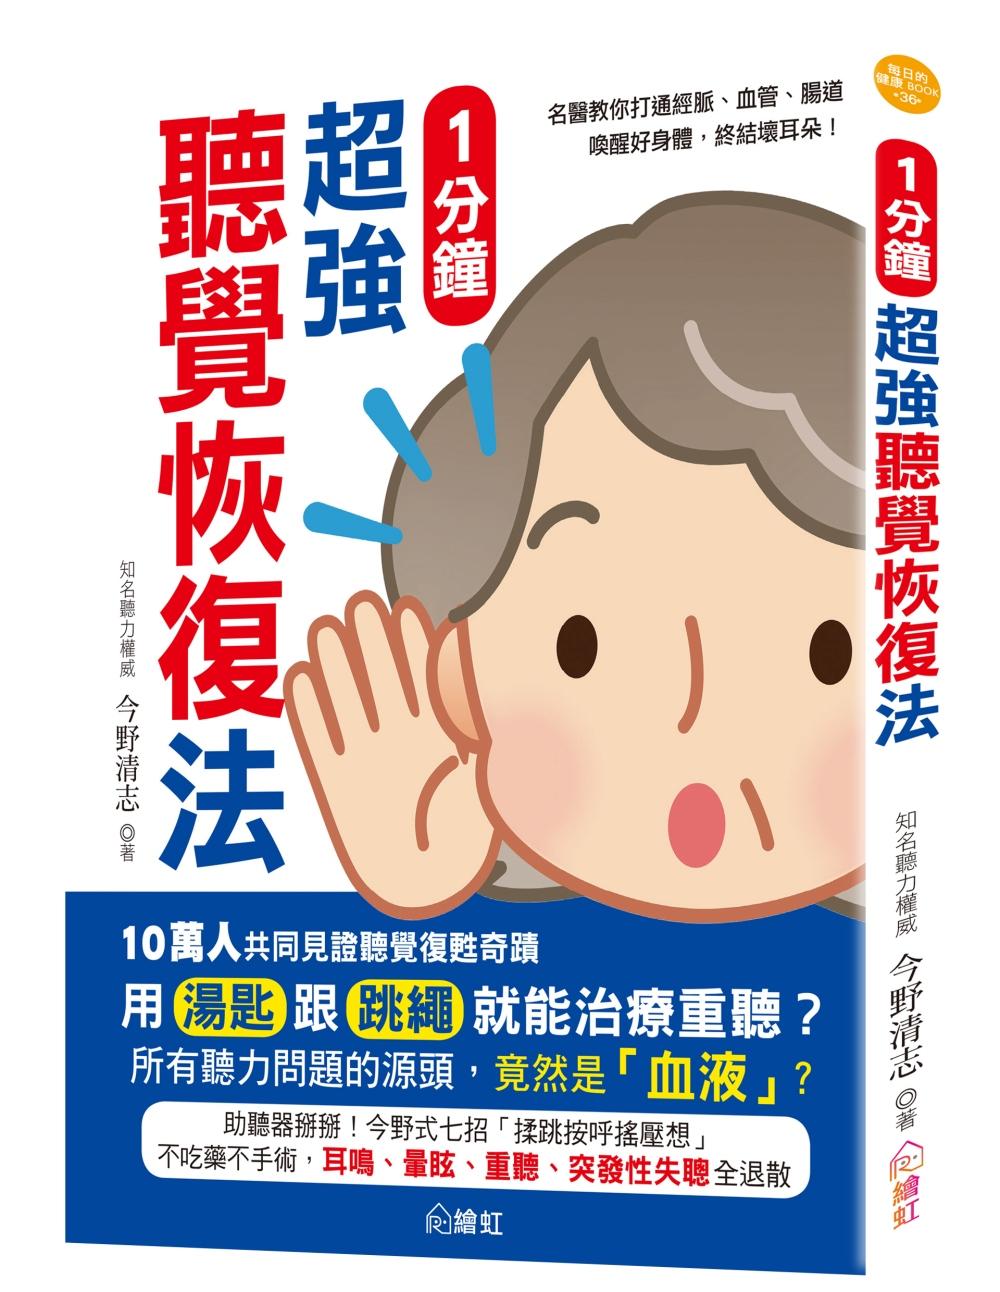 一分鐘超強聽覺恢復法:名醫教你打通經脈、血管、腸道,喚醒好身體,終結壞耳朵^!